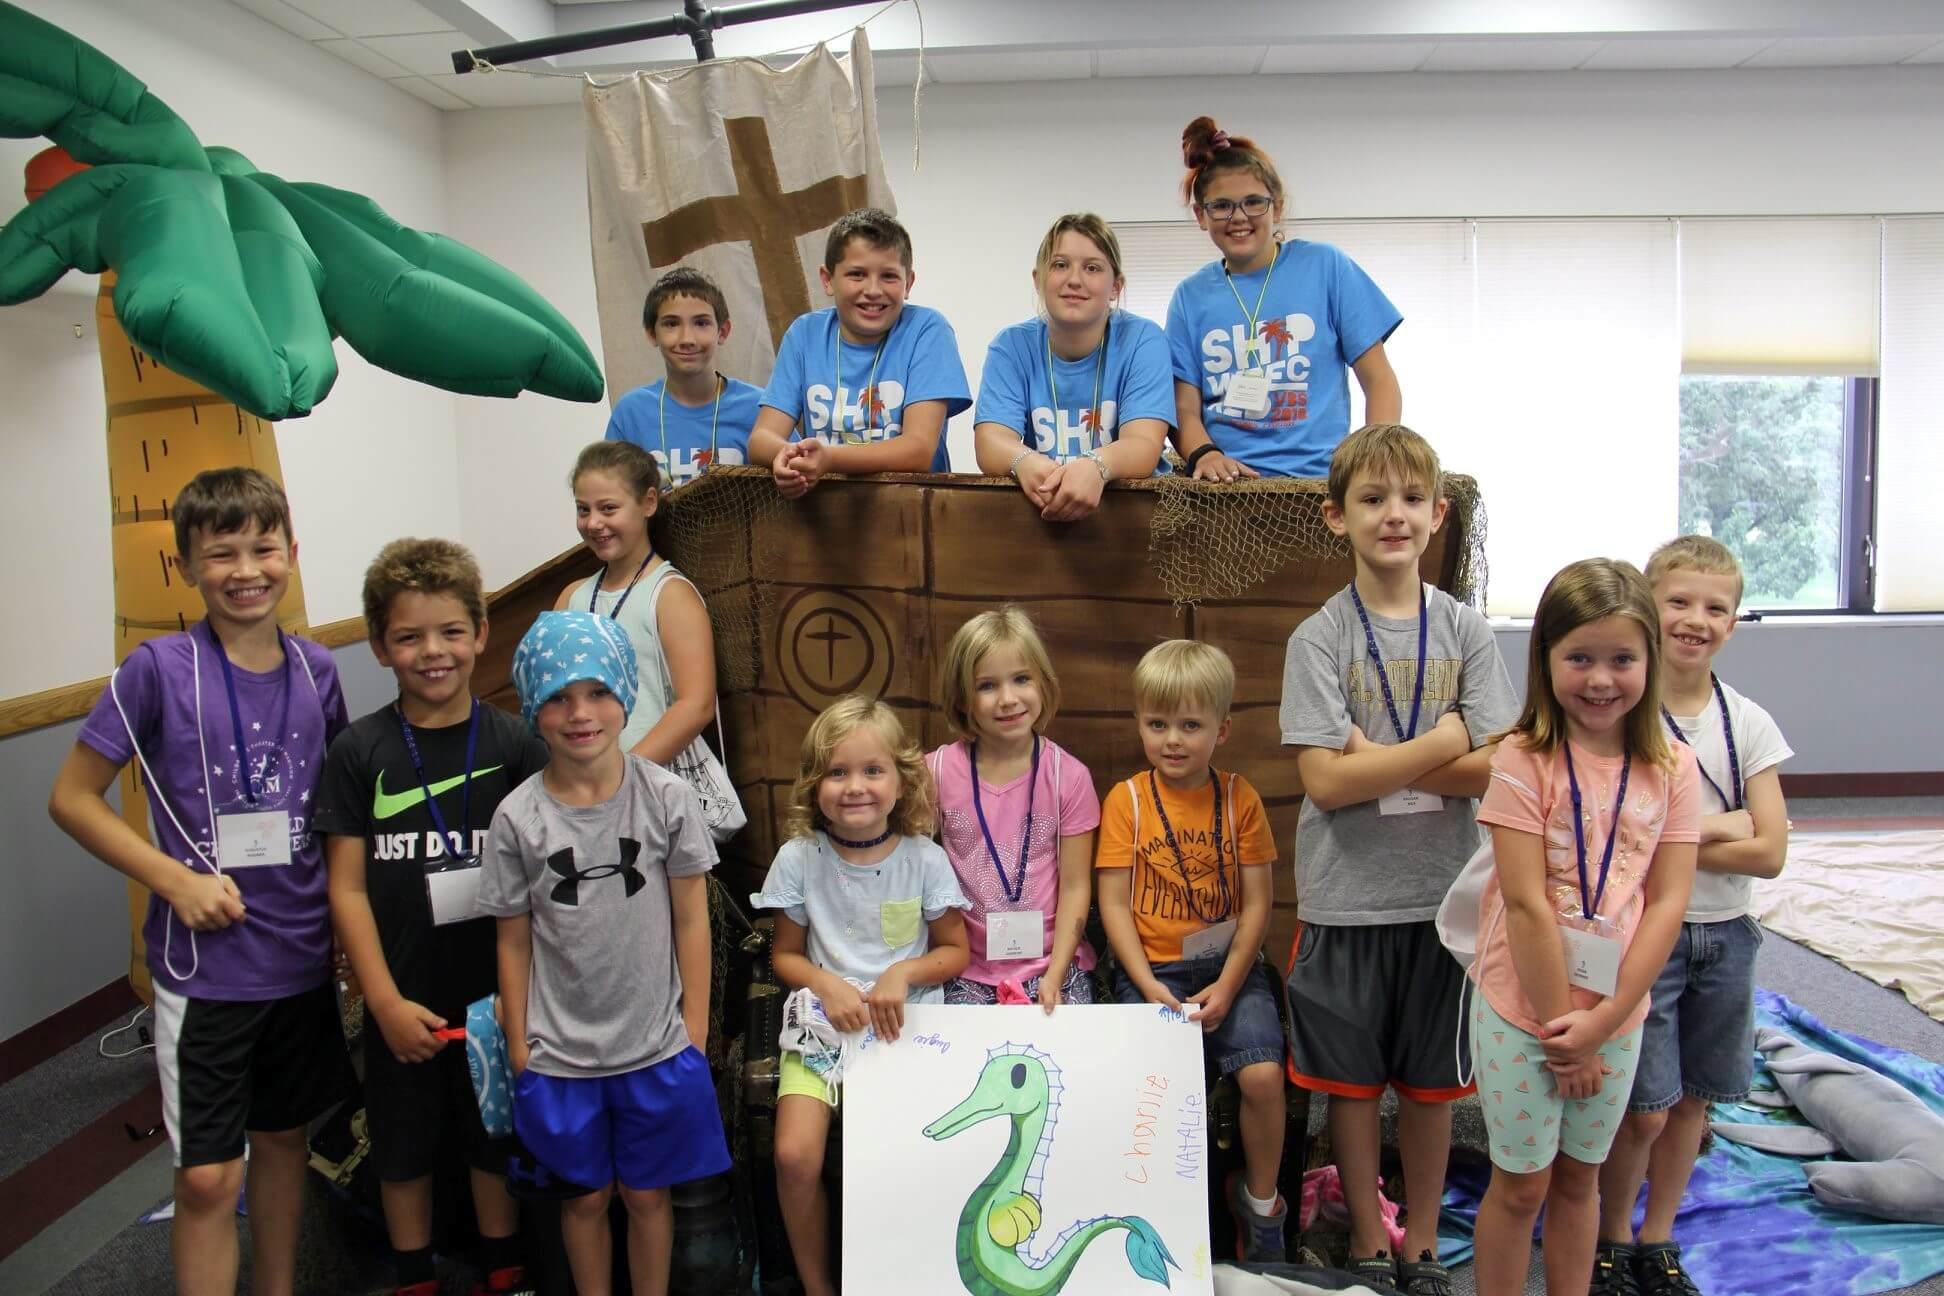 Saint Dennis Parish Vacation Bible School Children